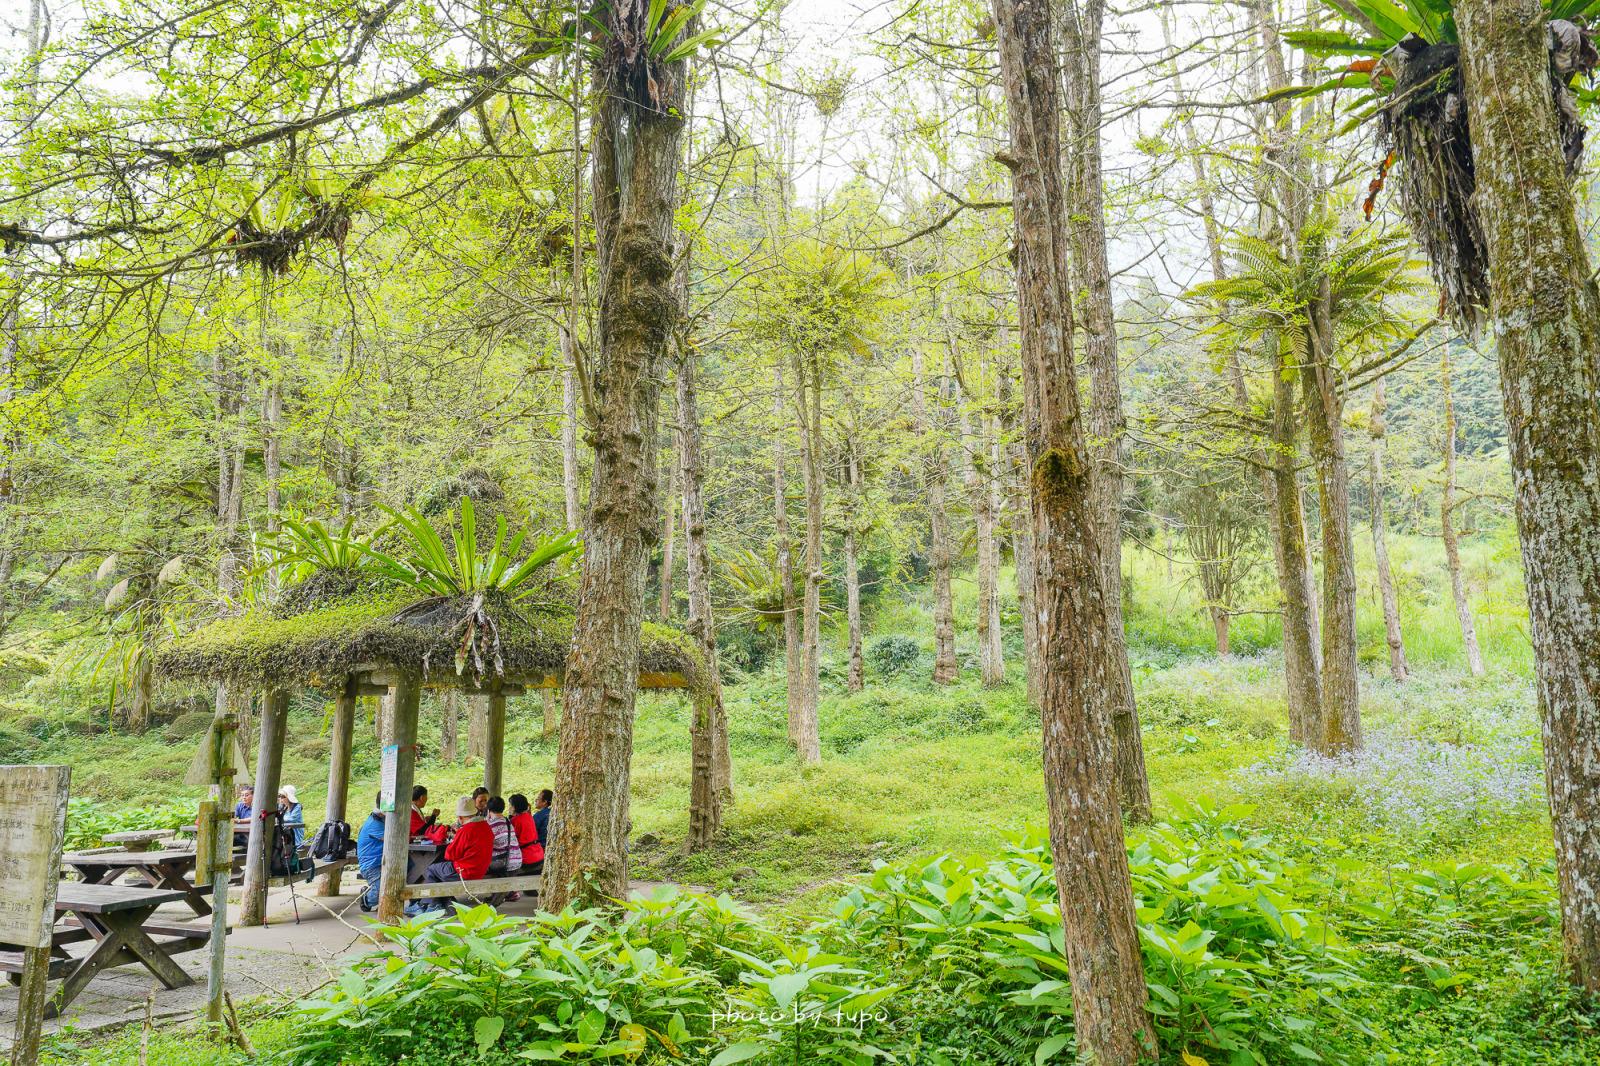 南投鹿谷景點》溪頭森林遊樂區(溪頭自然教育園區),滿滿仙氣森林園區!森林野餐區.音樂城堡.空中走廊.神木林發呆去~